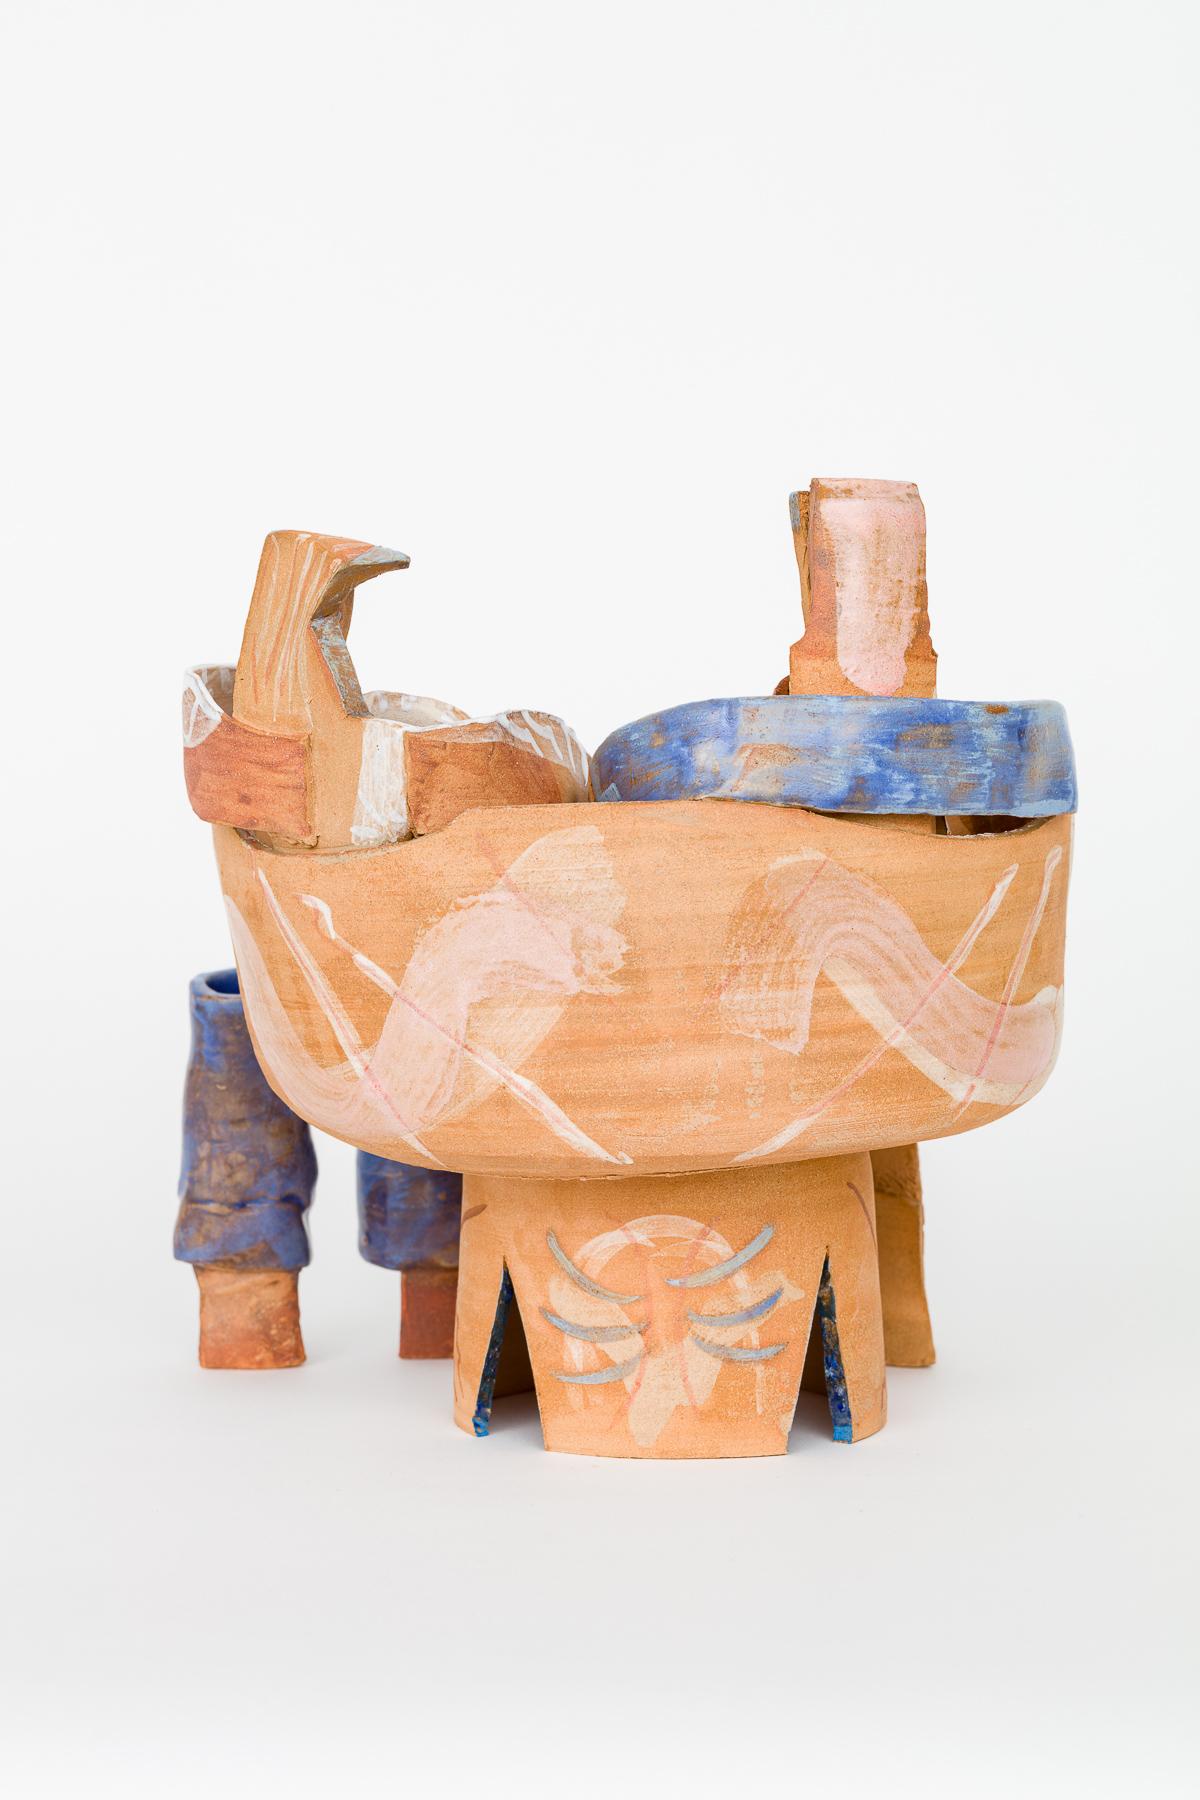 Anna Schachinger_Keramikskulpturen_bykunstdokumentationcom_12.jpg